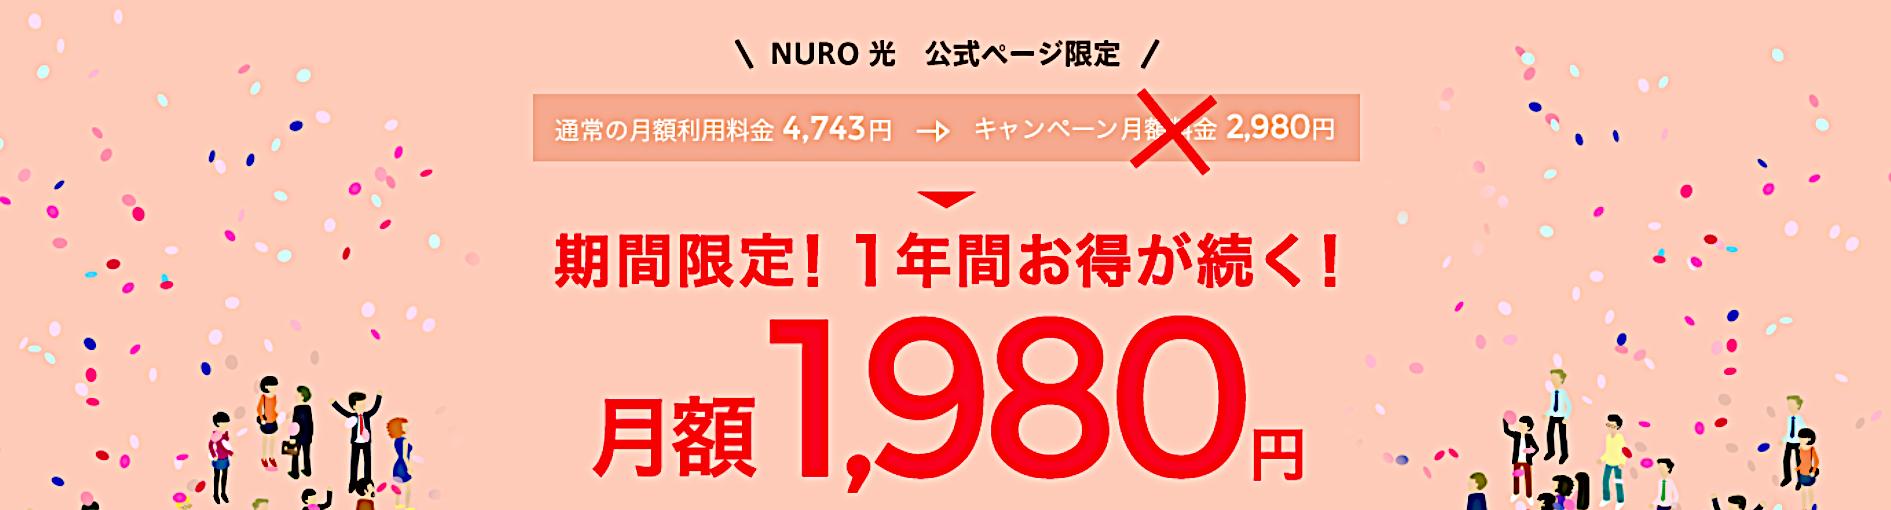 NURO公式特典イメージ